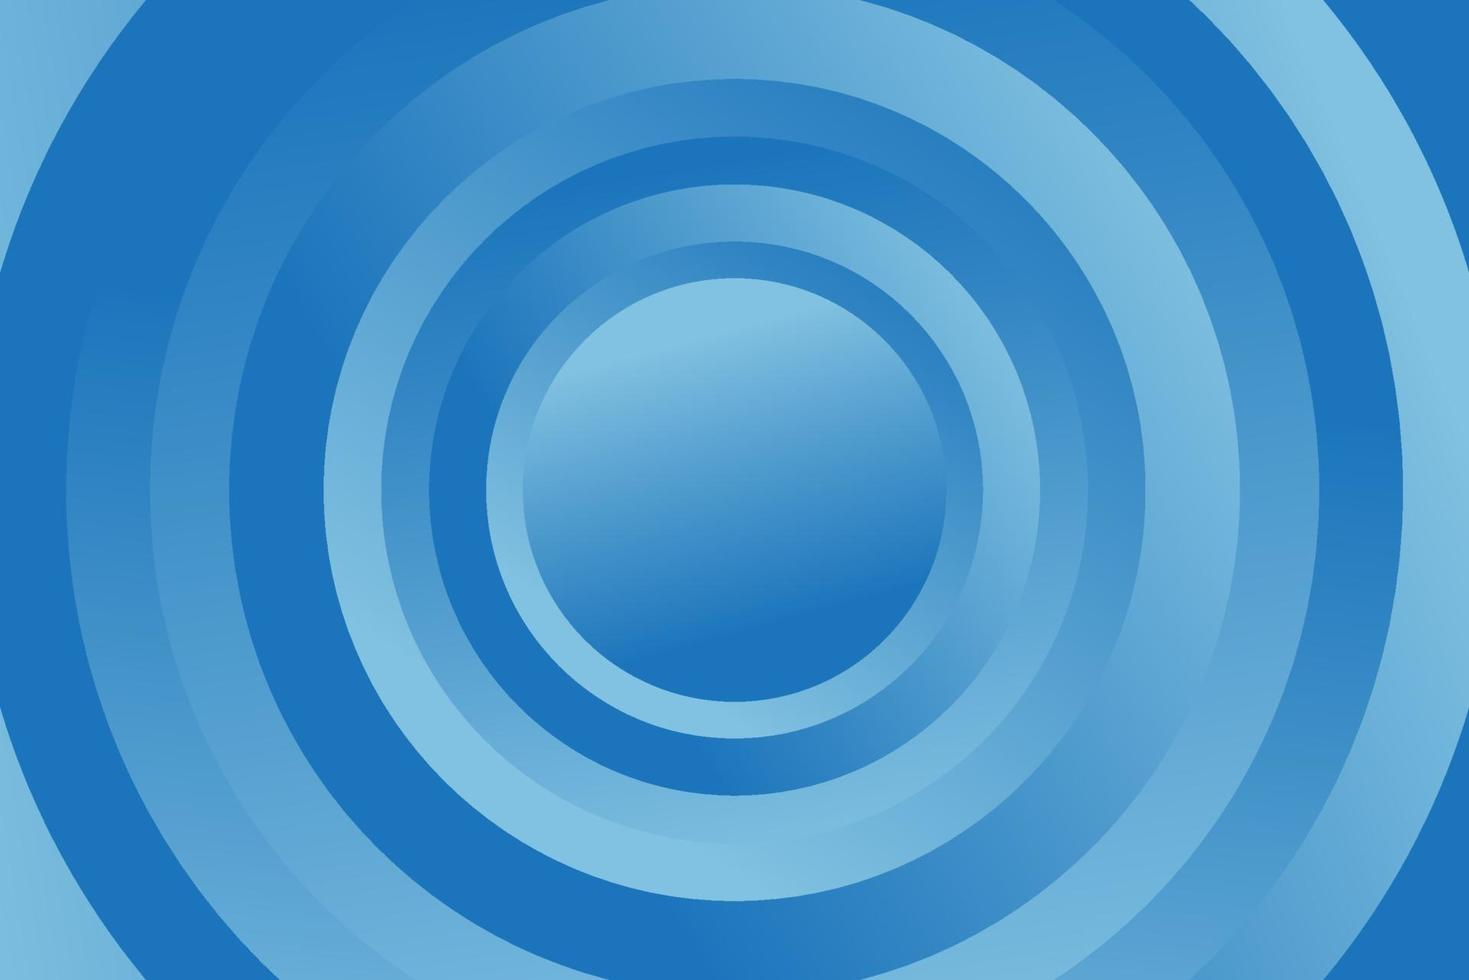 blauwe geometrische achtergrond. samenstelling van vloeiende geometrische vormen. vector